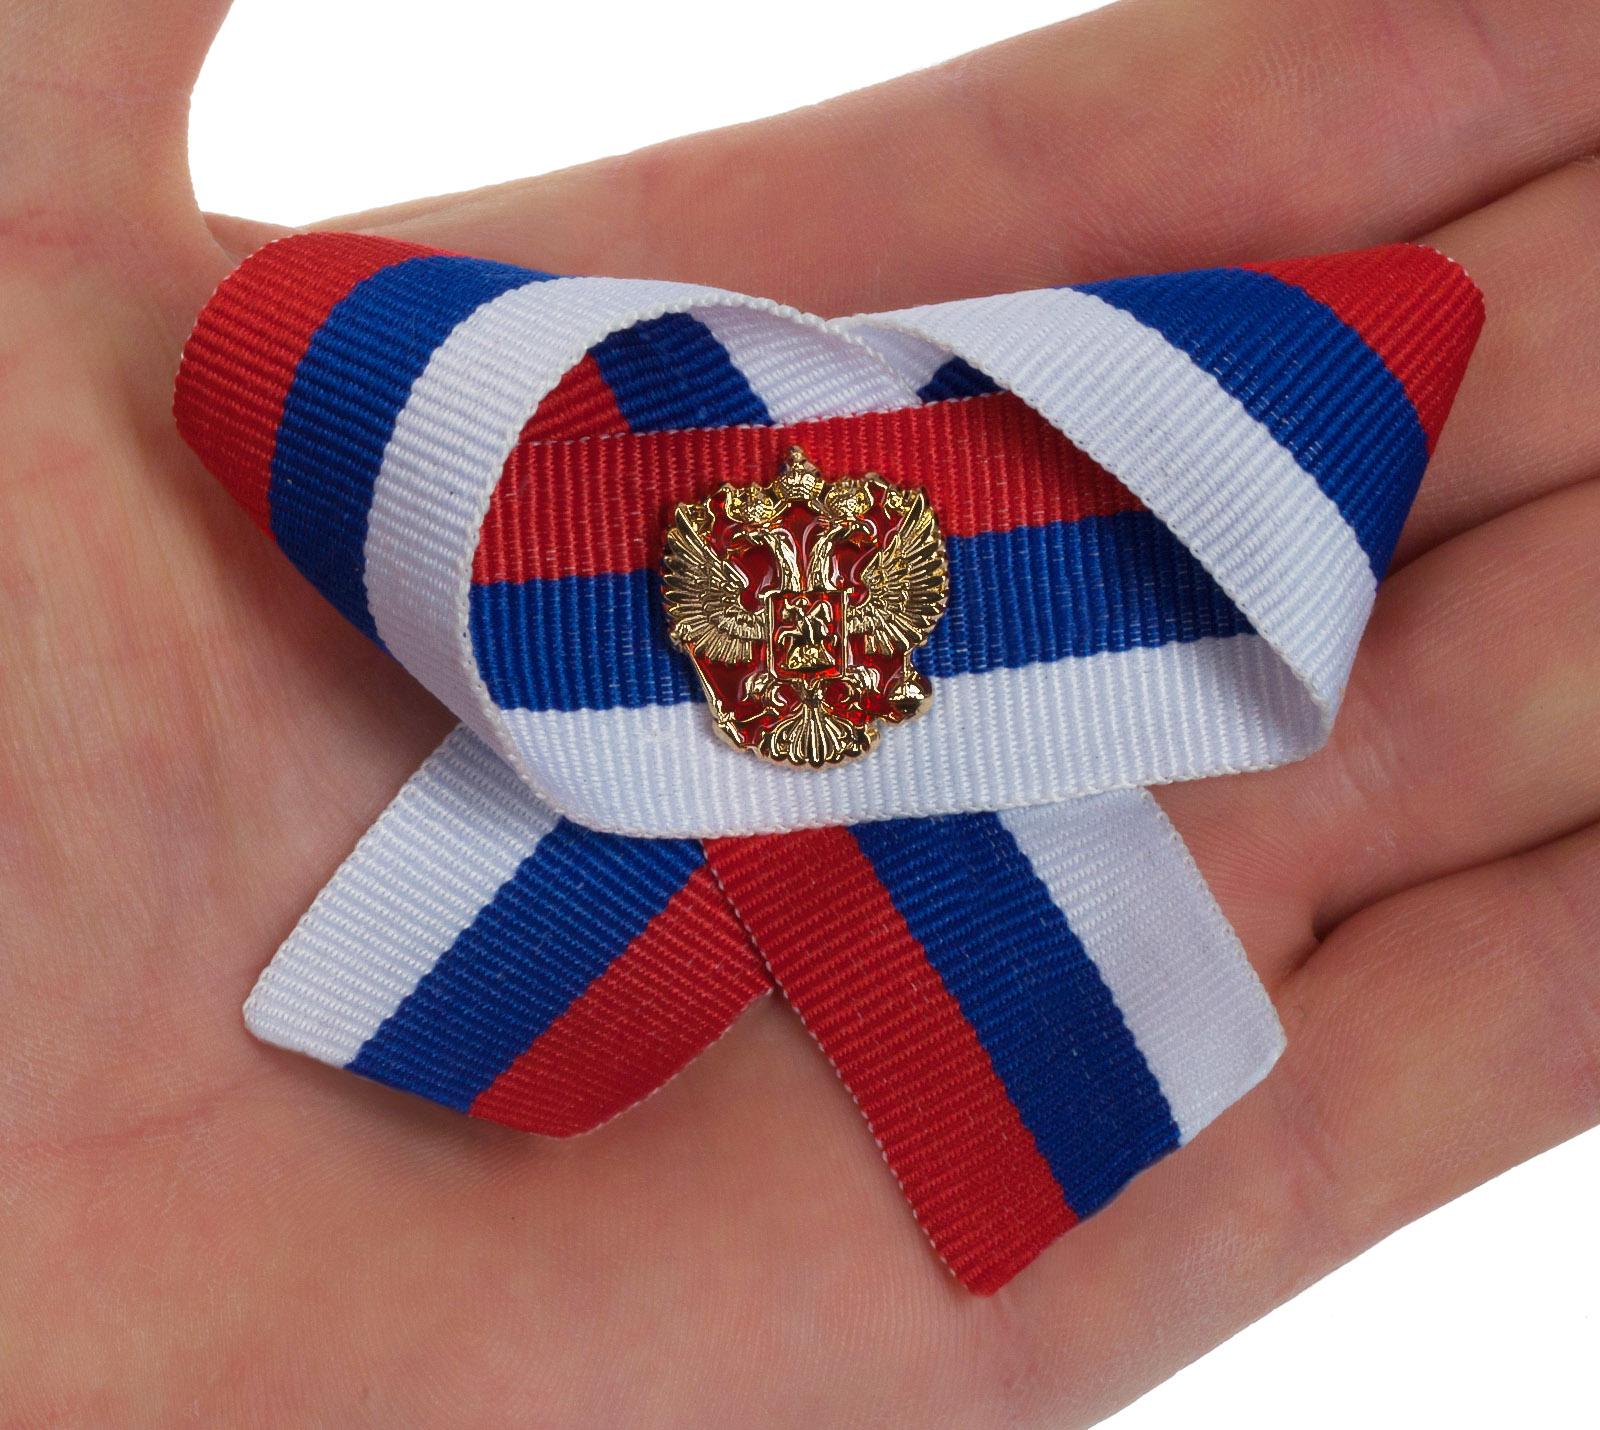 Значок Герб России по низкой цене онлайн с доставкой